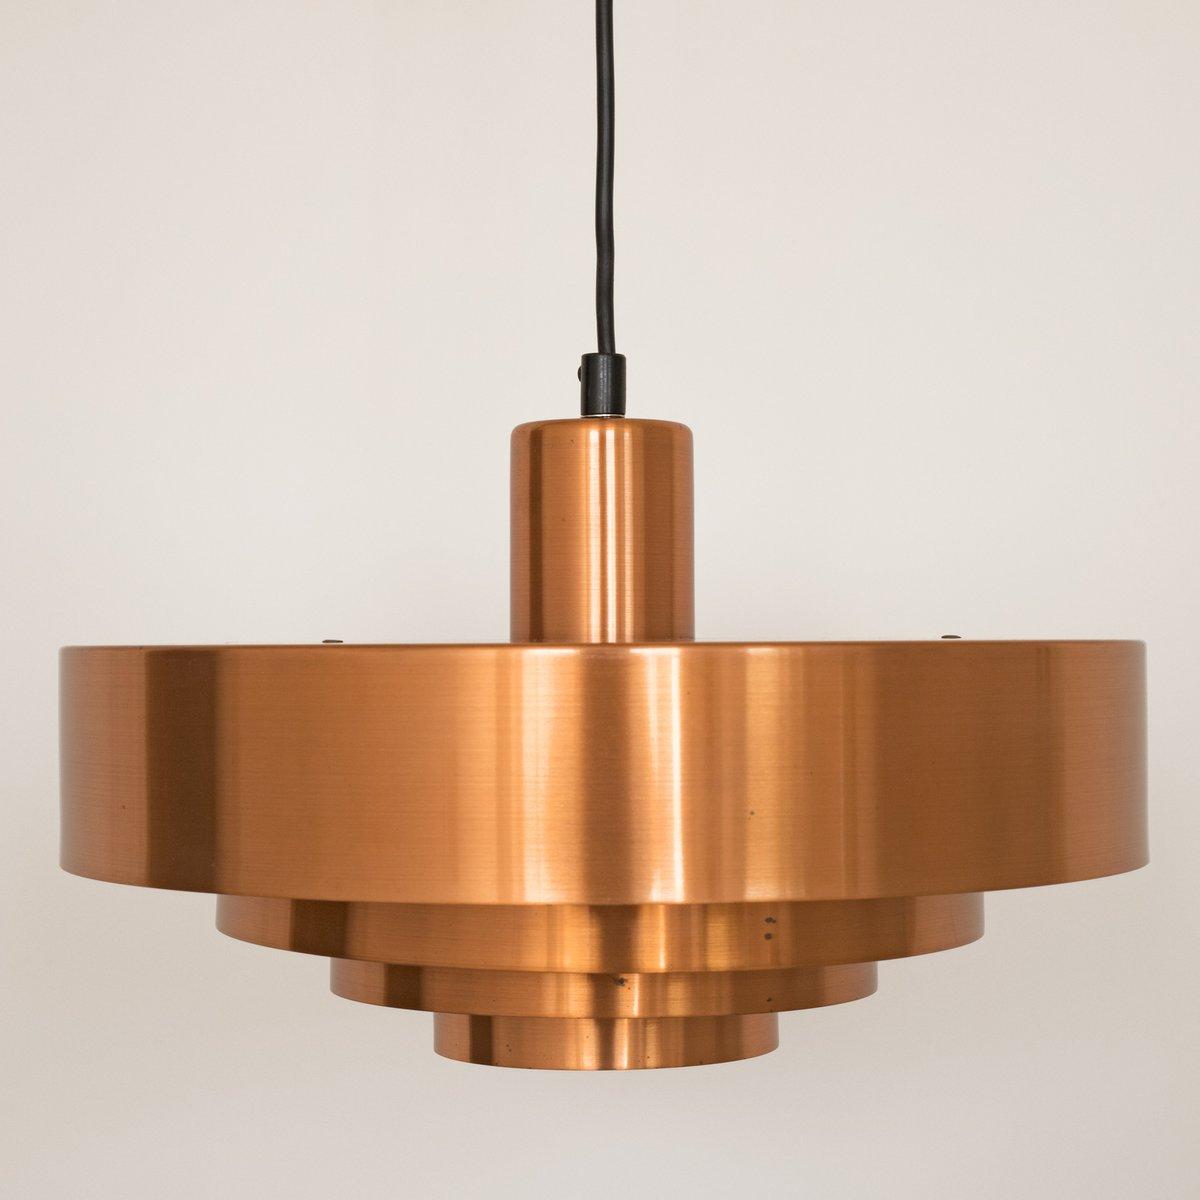 Roulet spun copper pendant light by jo hammerborg for fog mrup roulet spun copper pendant light by jo hammerborg for fog mrup 1950s aloadofball Choice Image